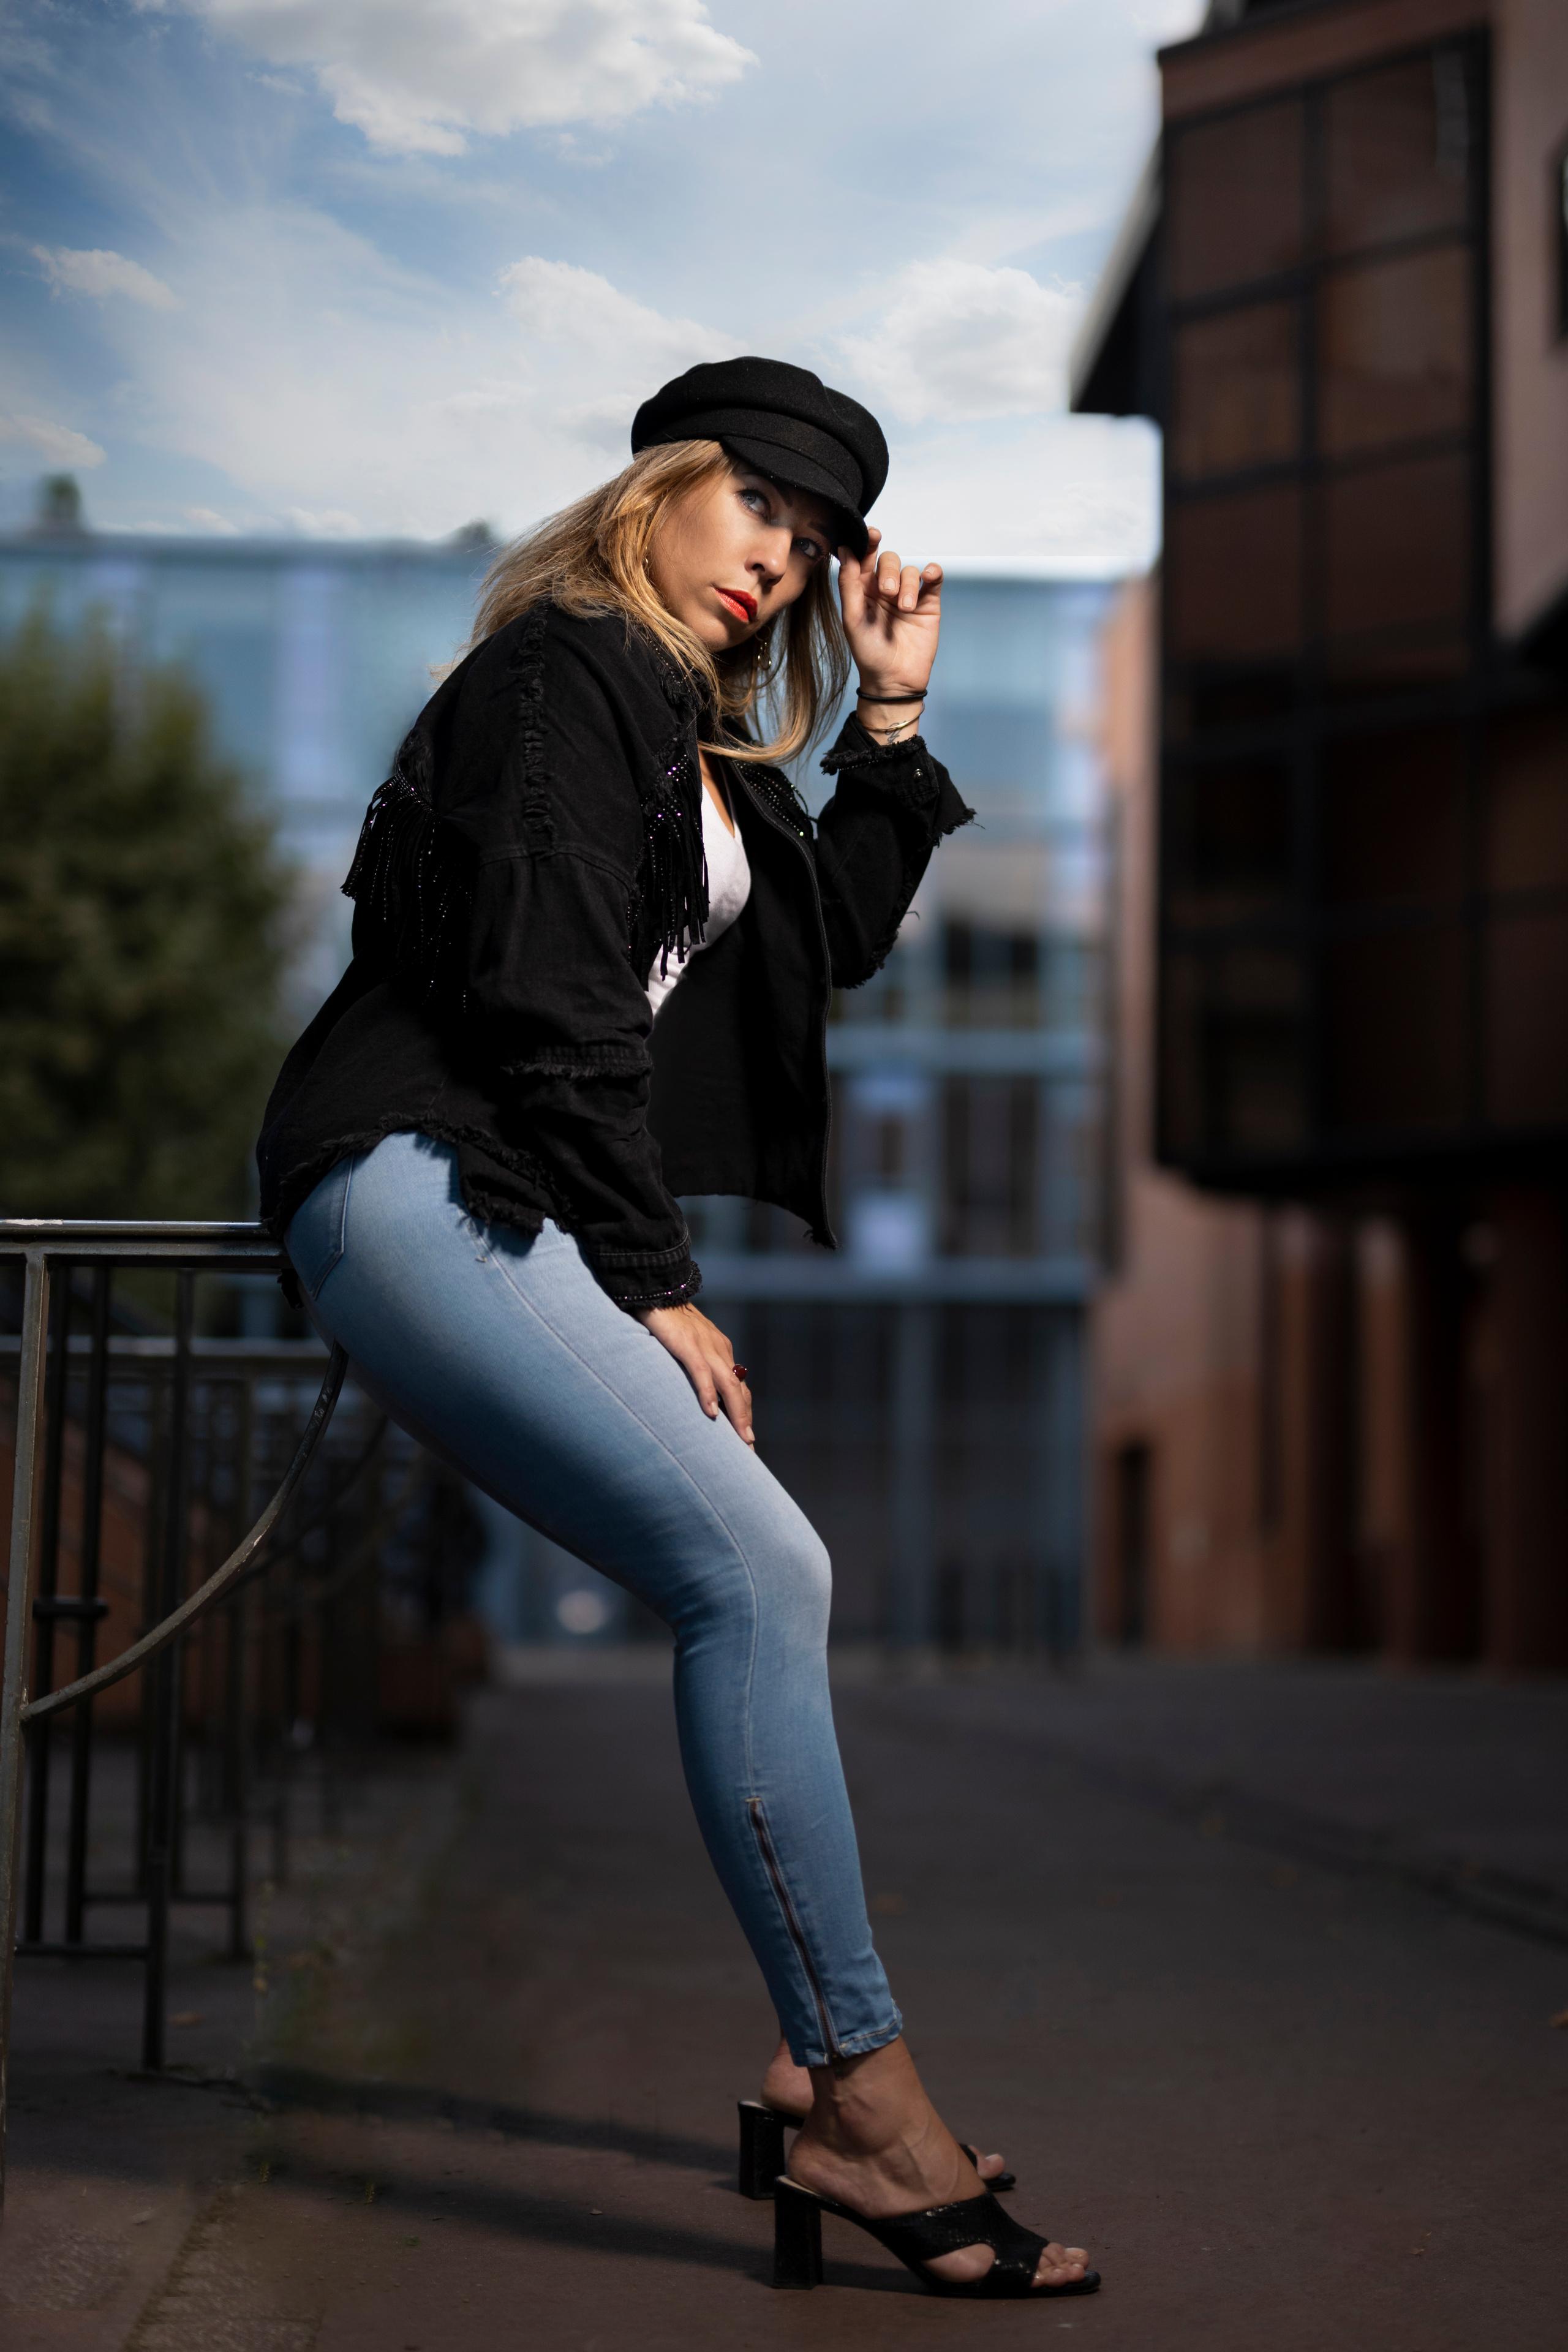 Fotos von Blondine Aurelia Pose Mädchens Jeans Blick baseballmütze  für Handy Blond Mädchen posiert junge frau junge Frauen Starren Baseballcap baseballkappe